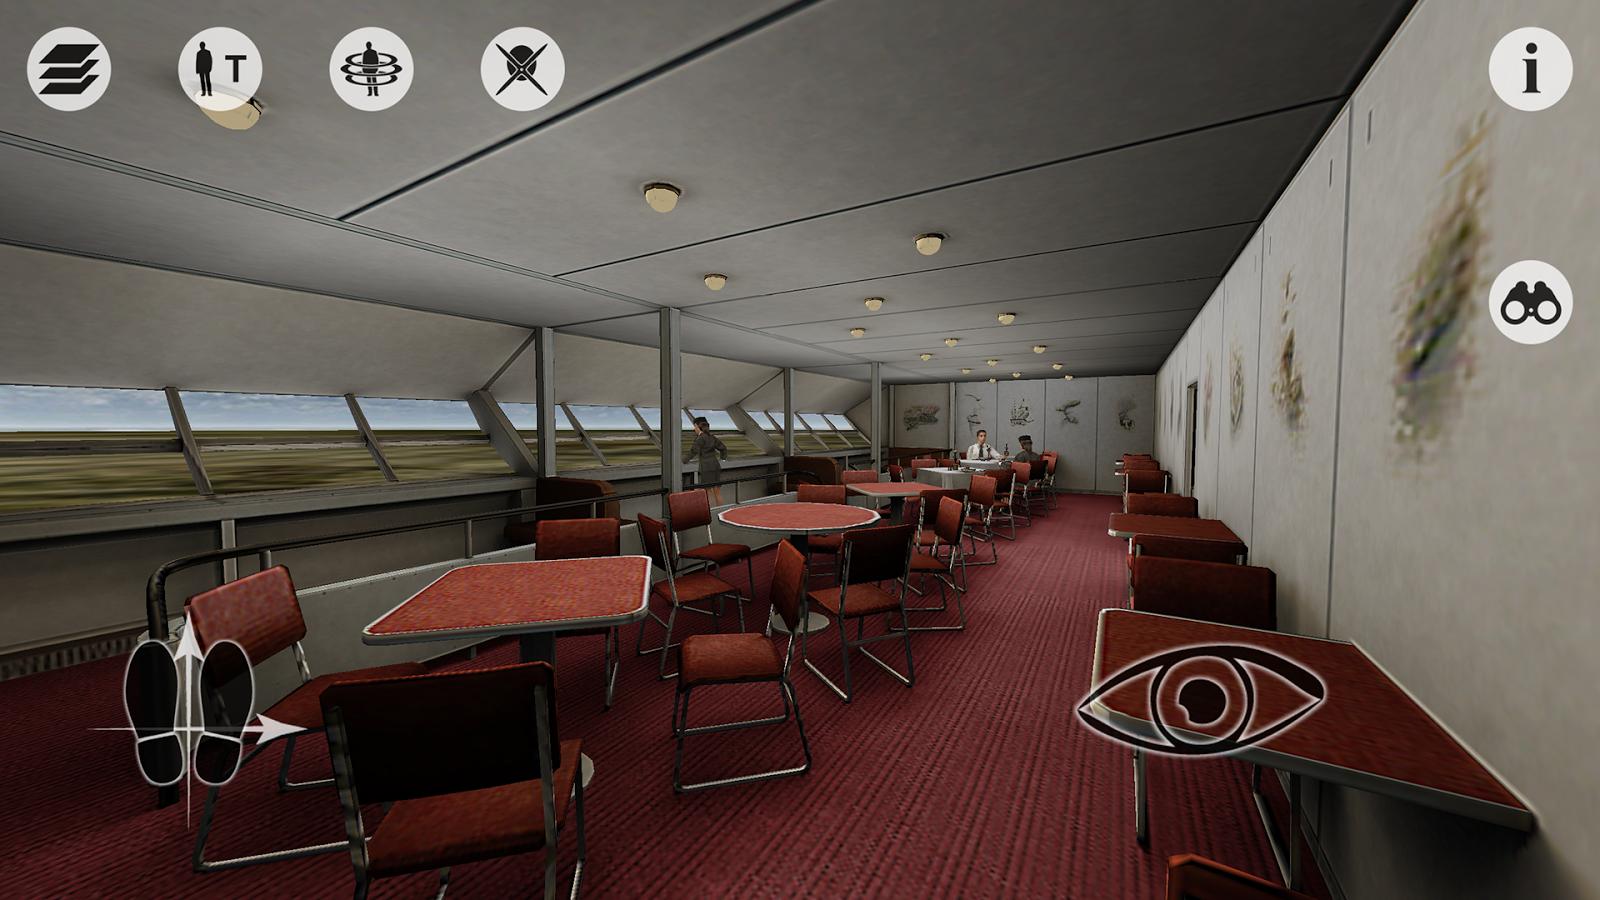 Hindenburg Interior Instainterior Us